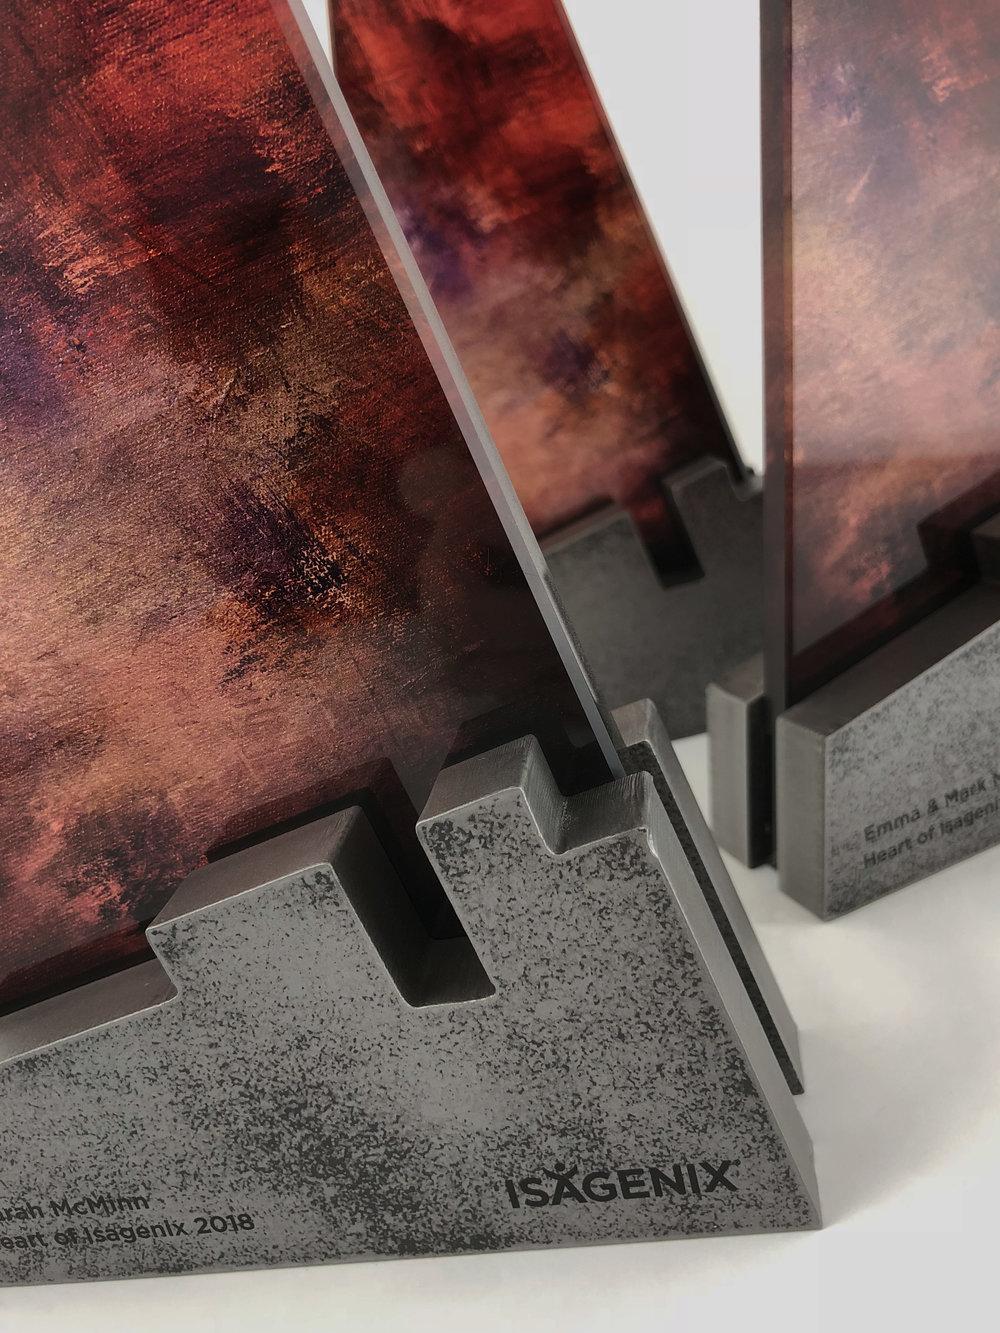 Heart-of-Isagenix-metal-glass-art-award-sculpture-trophy-03.jpg